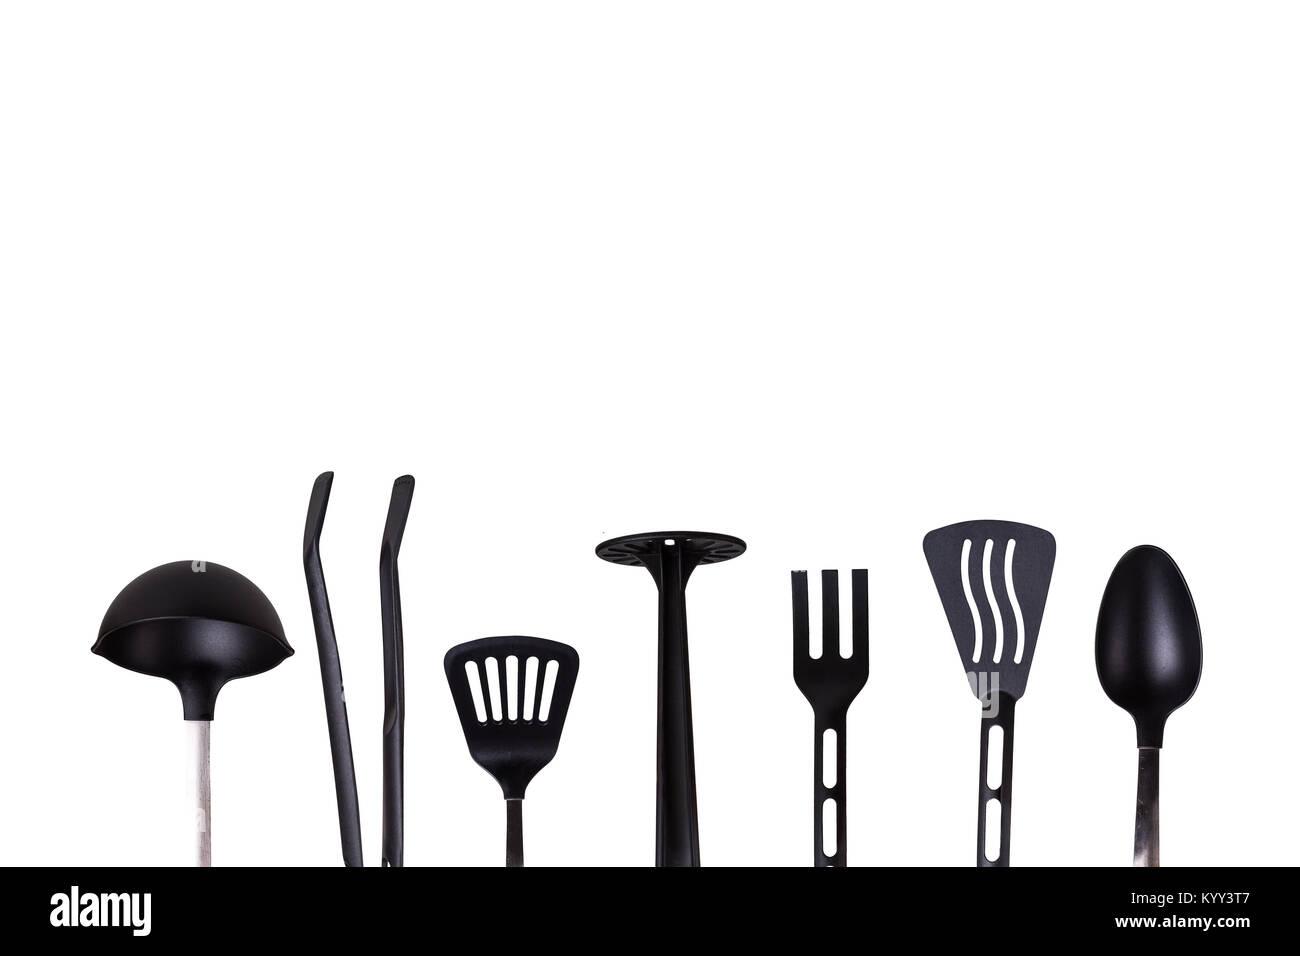 View of black plastic kitchen tools, serving stuff like spatula ...